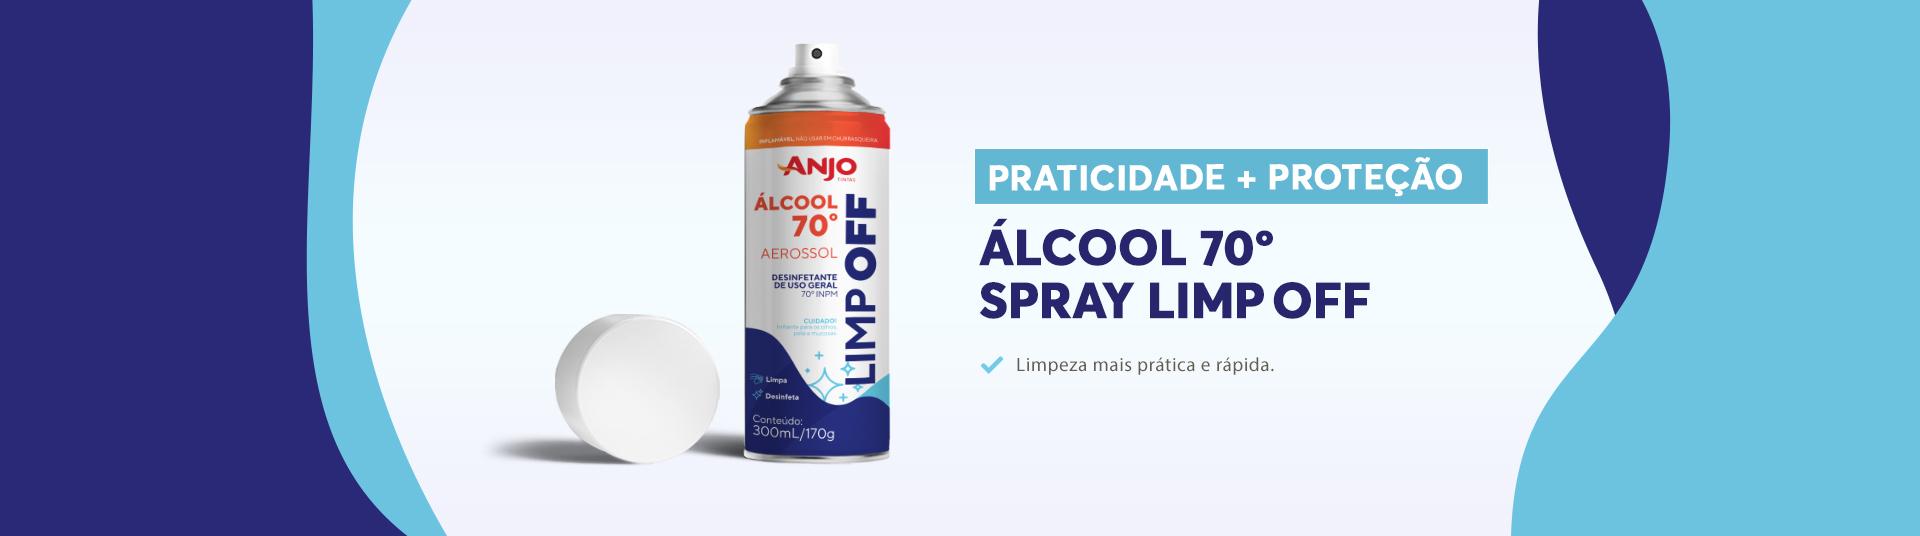 Alcool Aerossol